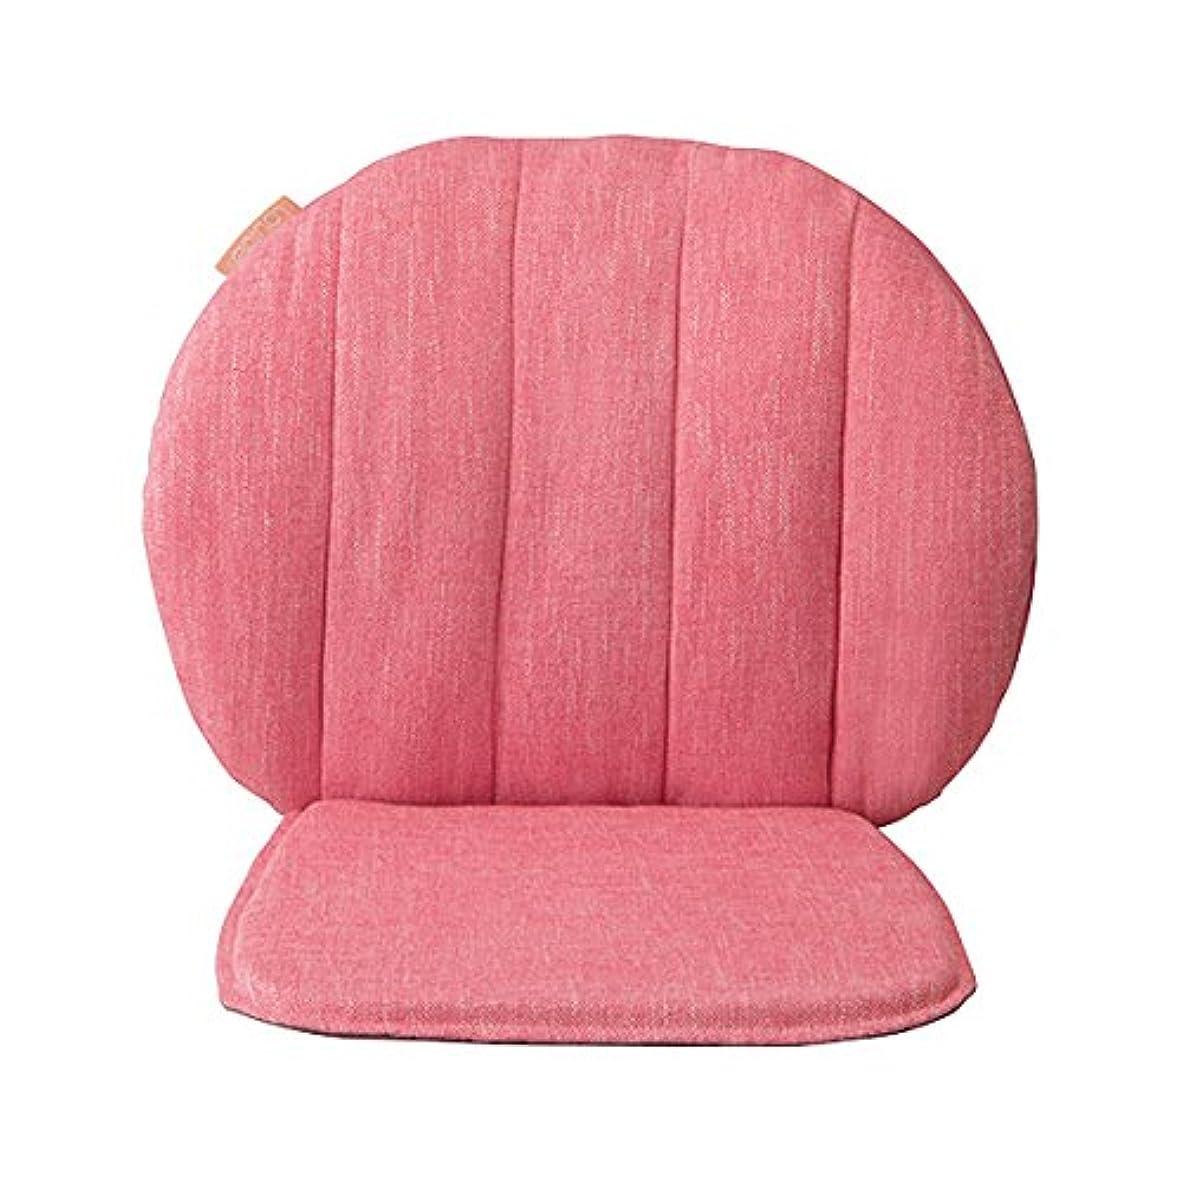 ウェイター評価する寄生虫アテックス マッサージクッション フリースタイル(ピンク)ATEX ルルド Massage CUSHION Free Style AX-KCL7500PK